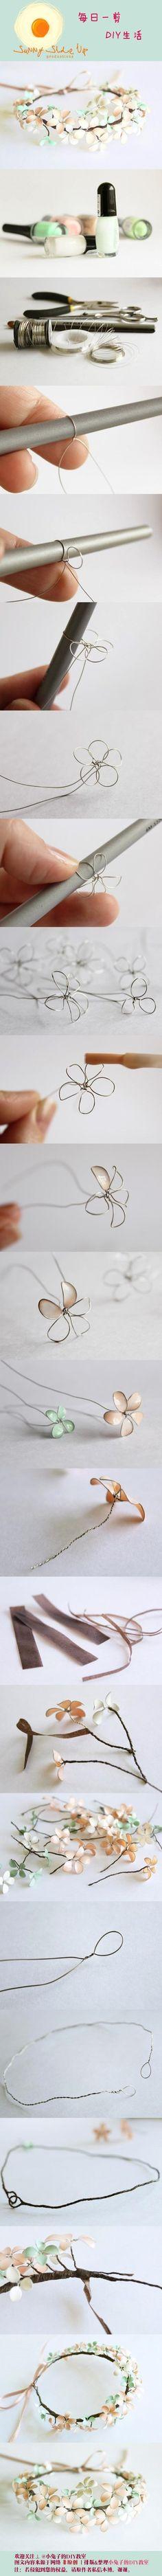 flores de metal con esmalte